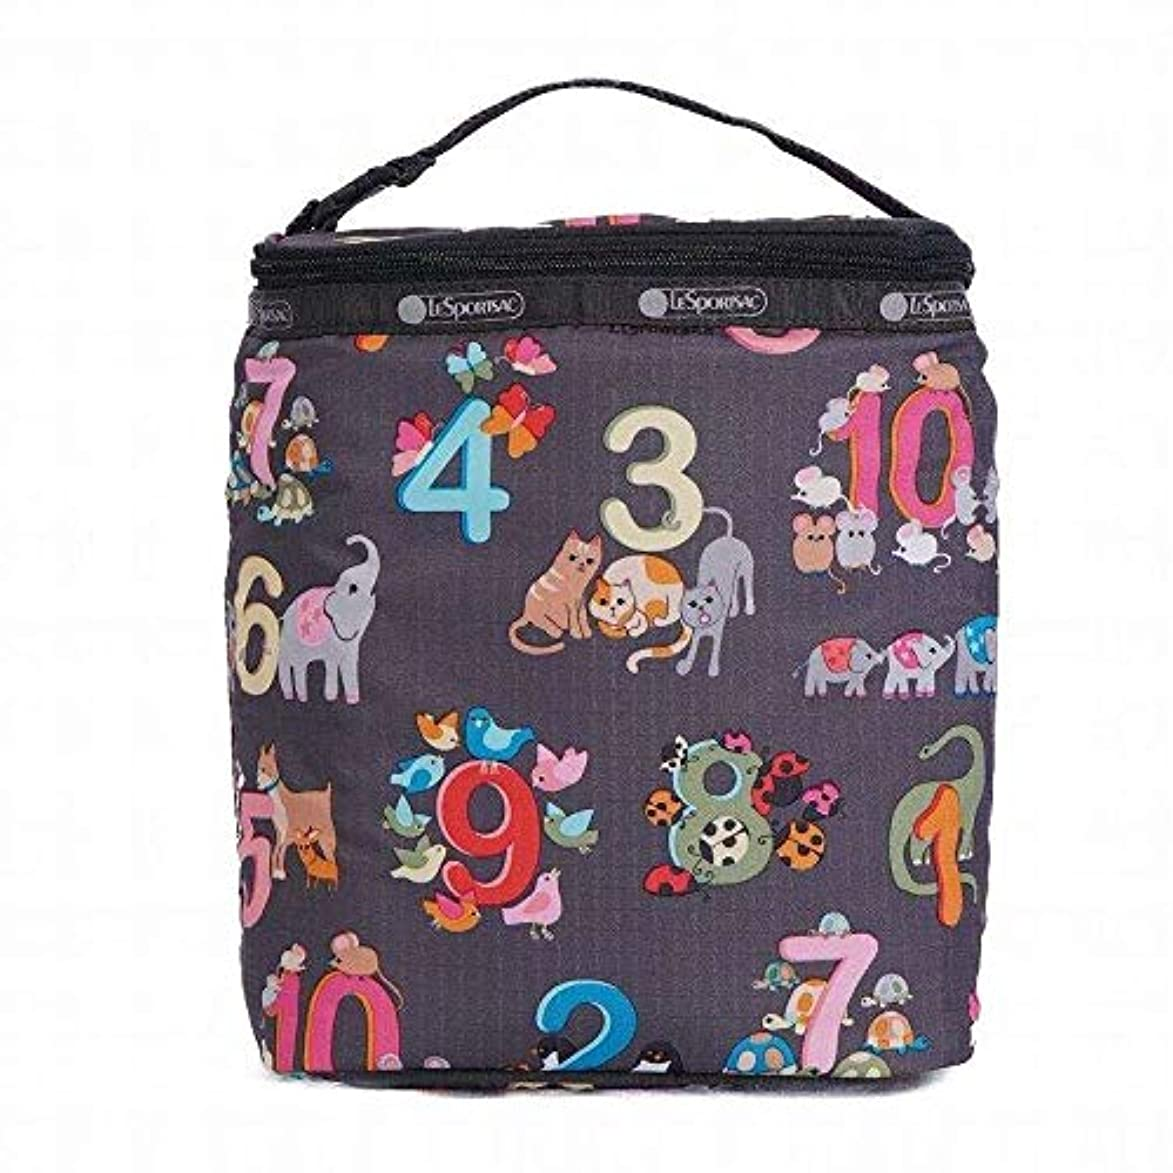 カウンターパート耐えられる故意のLeSportsac 保冷トートバッグ DOUBLE BOTTLE BAG 4267 レディース ADD IT UP E229 LeSportsac [並行輸入品]